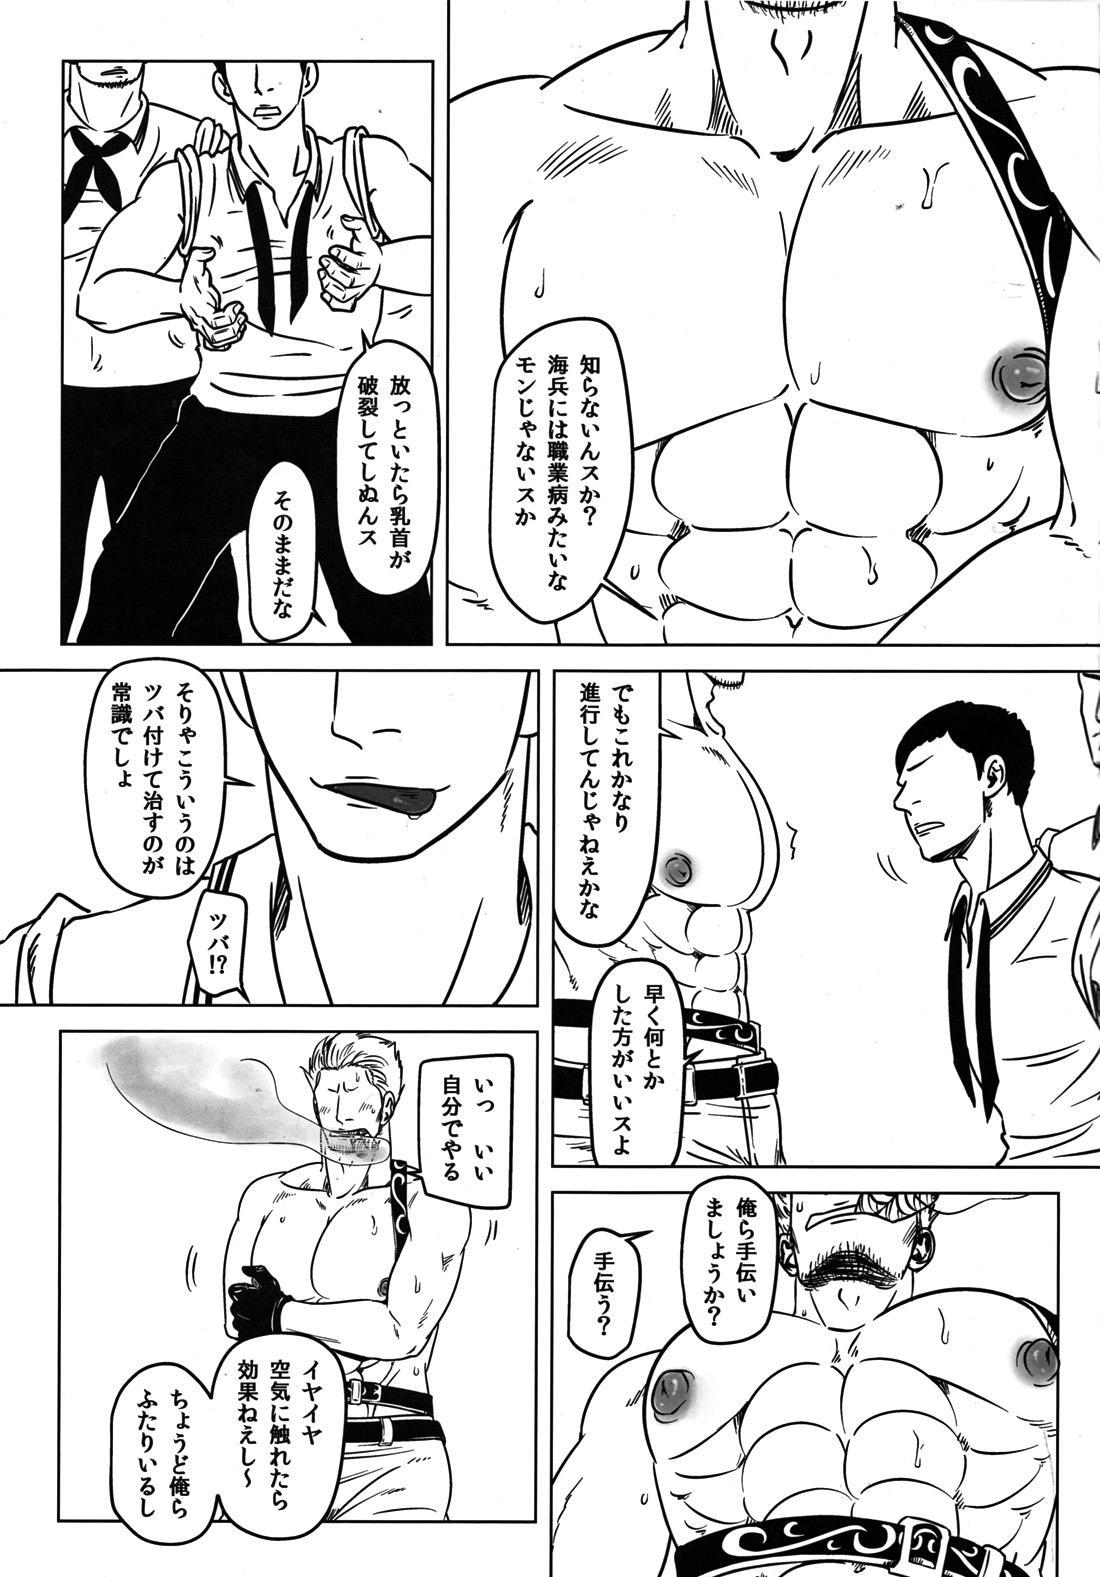 Dai B Chiku 7